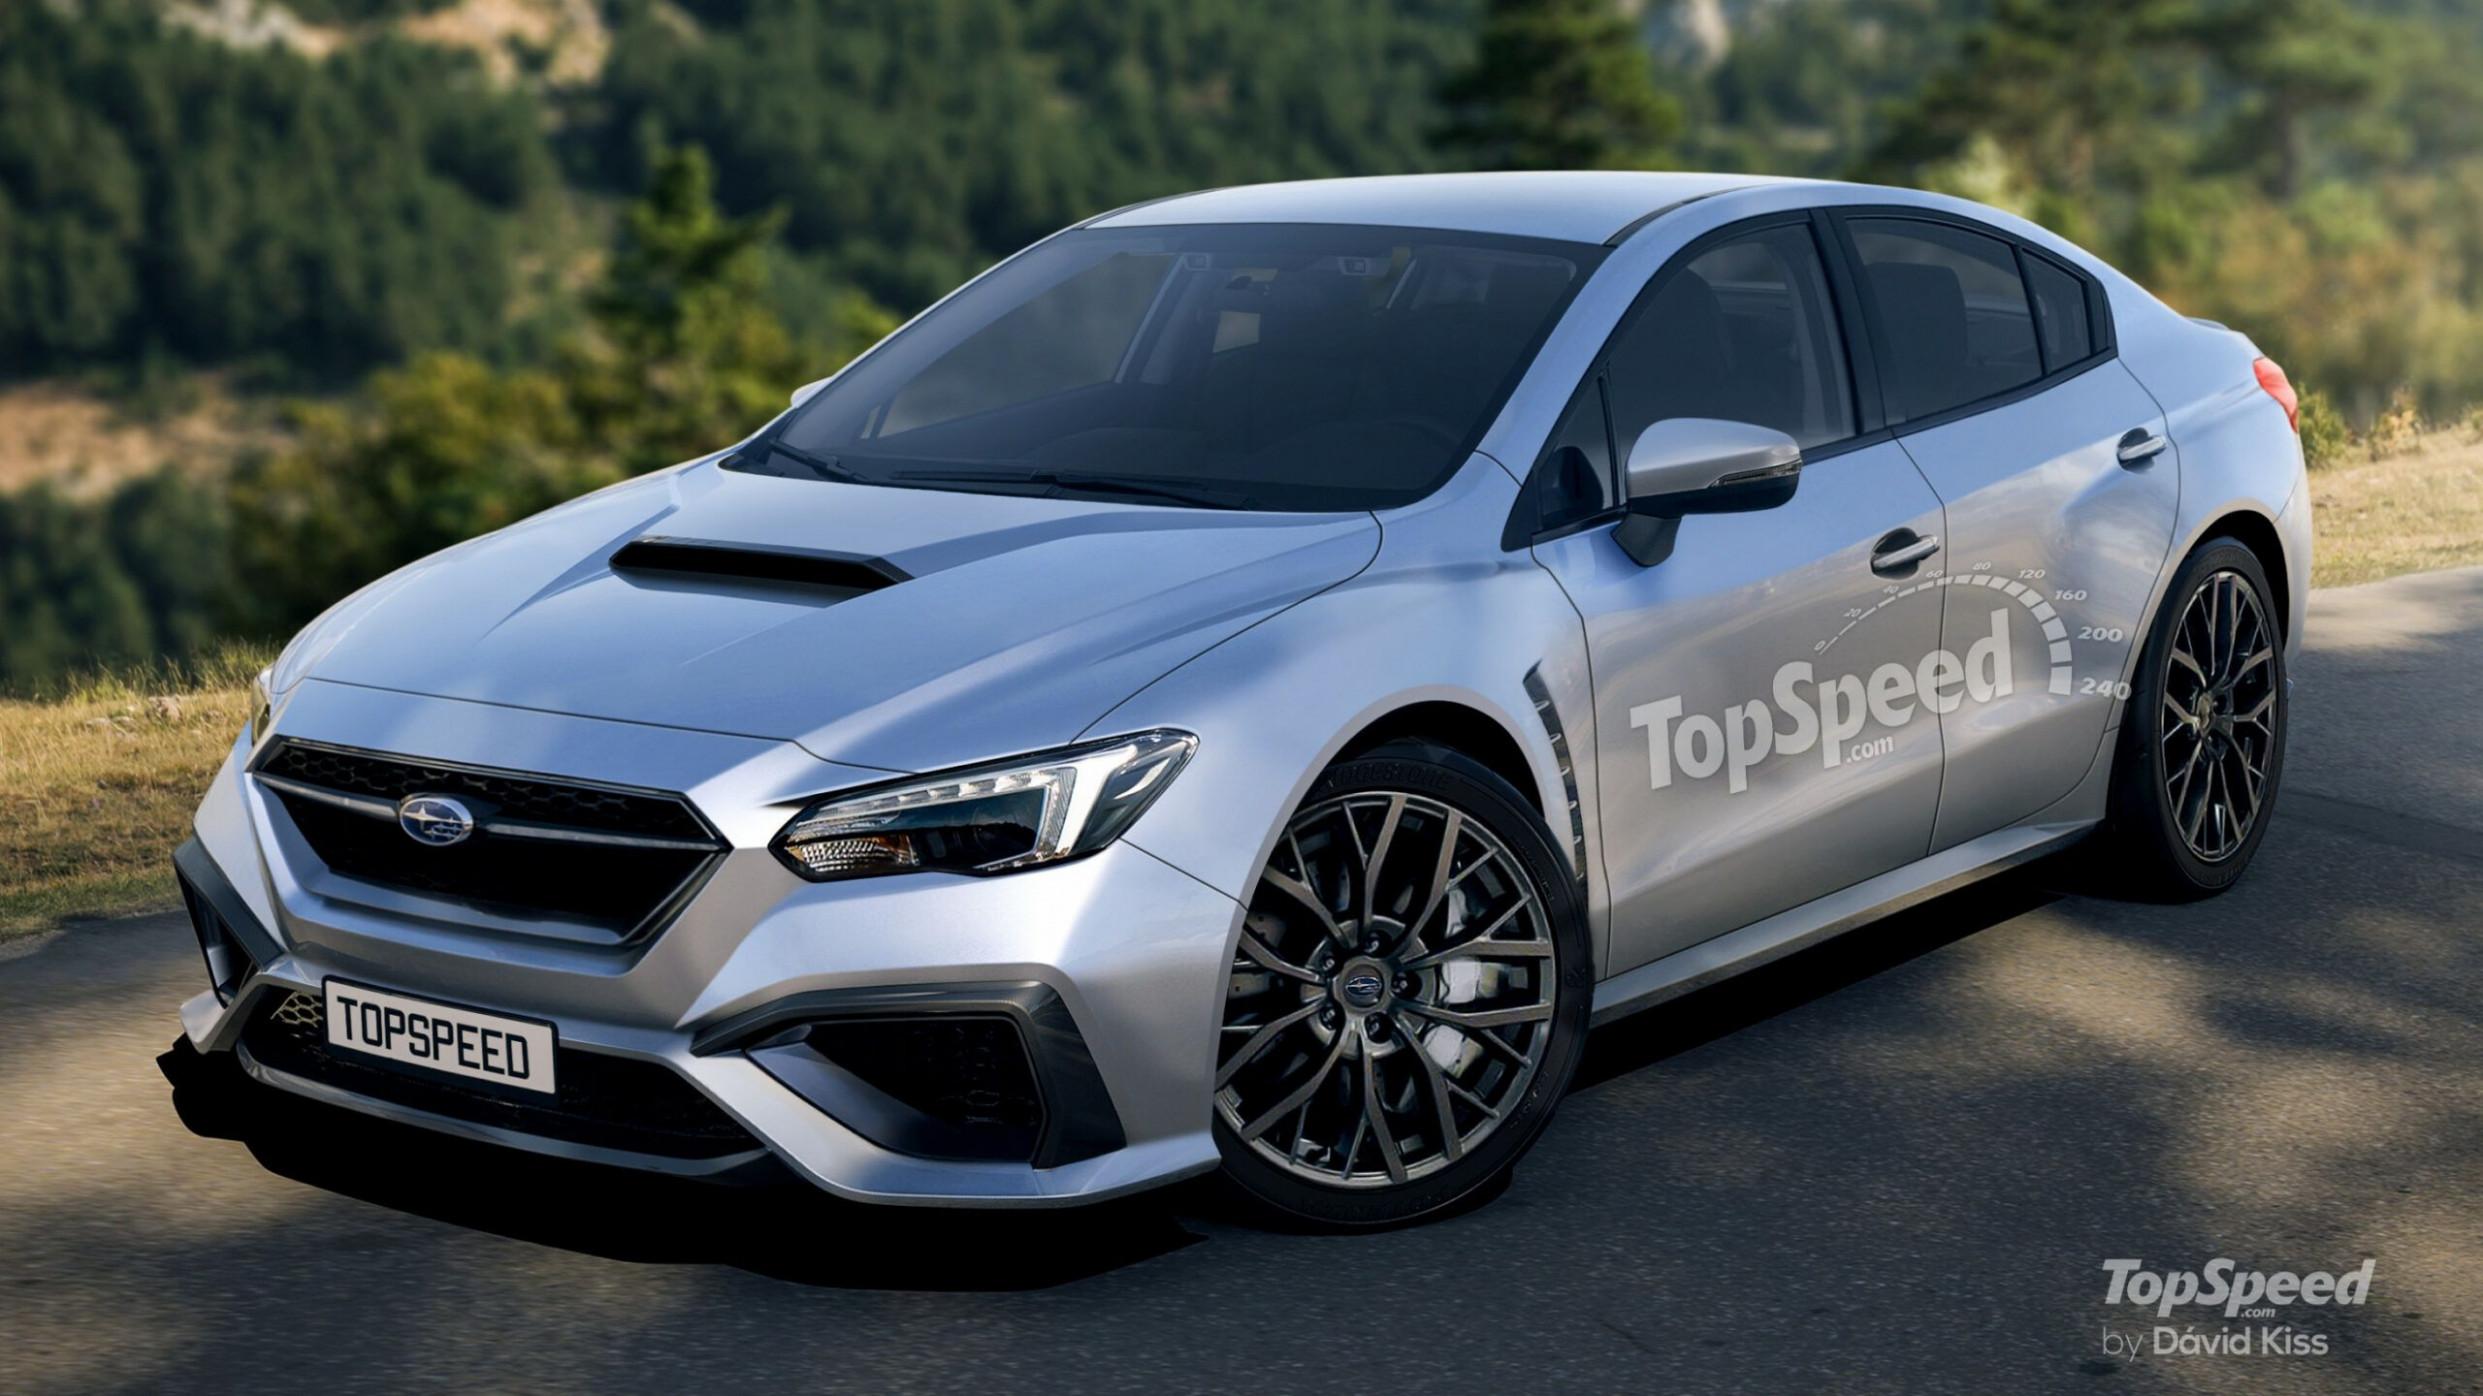 Images Subaru Wrx Hatchback 2022